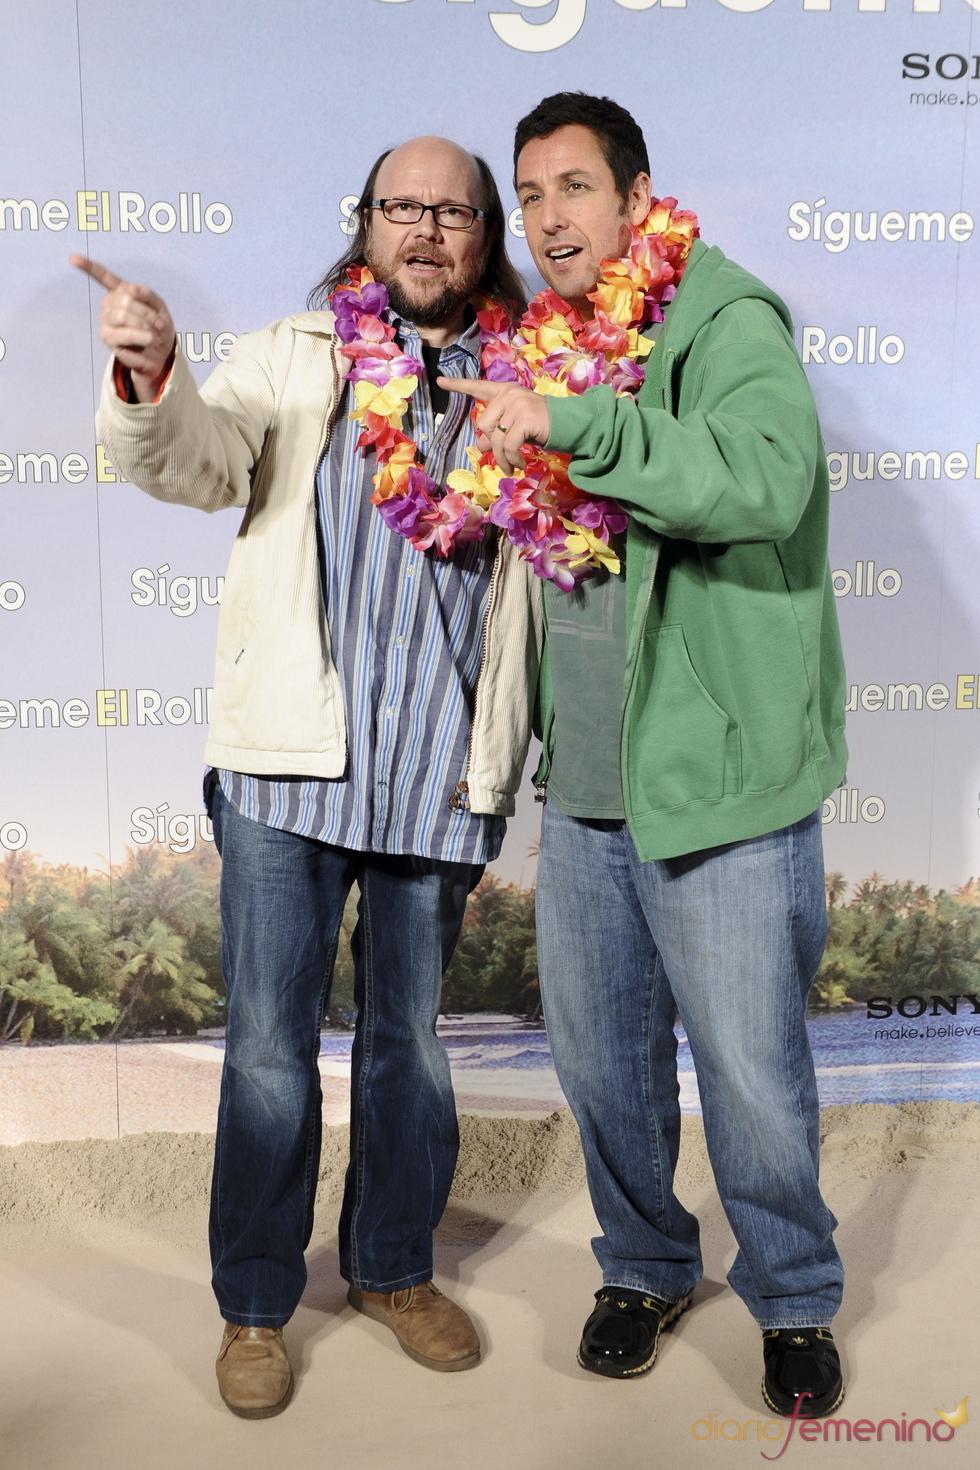 Santiago Segura y Adam Sandler posan juntos en la premier de 'Sígueme el rollo'